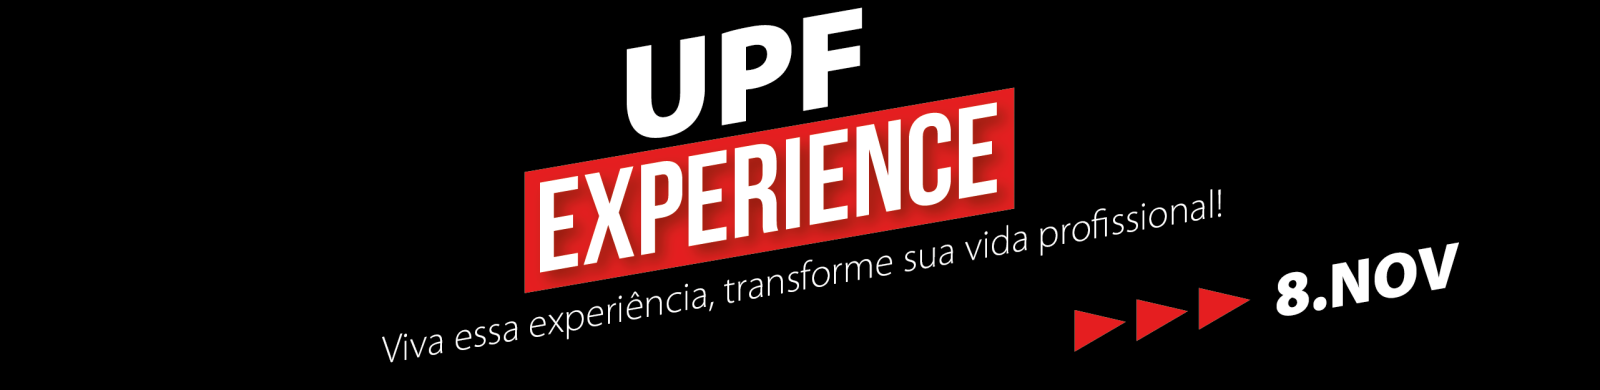 UPF Experience esclarece dúvidas sobre a experiência universitária